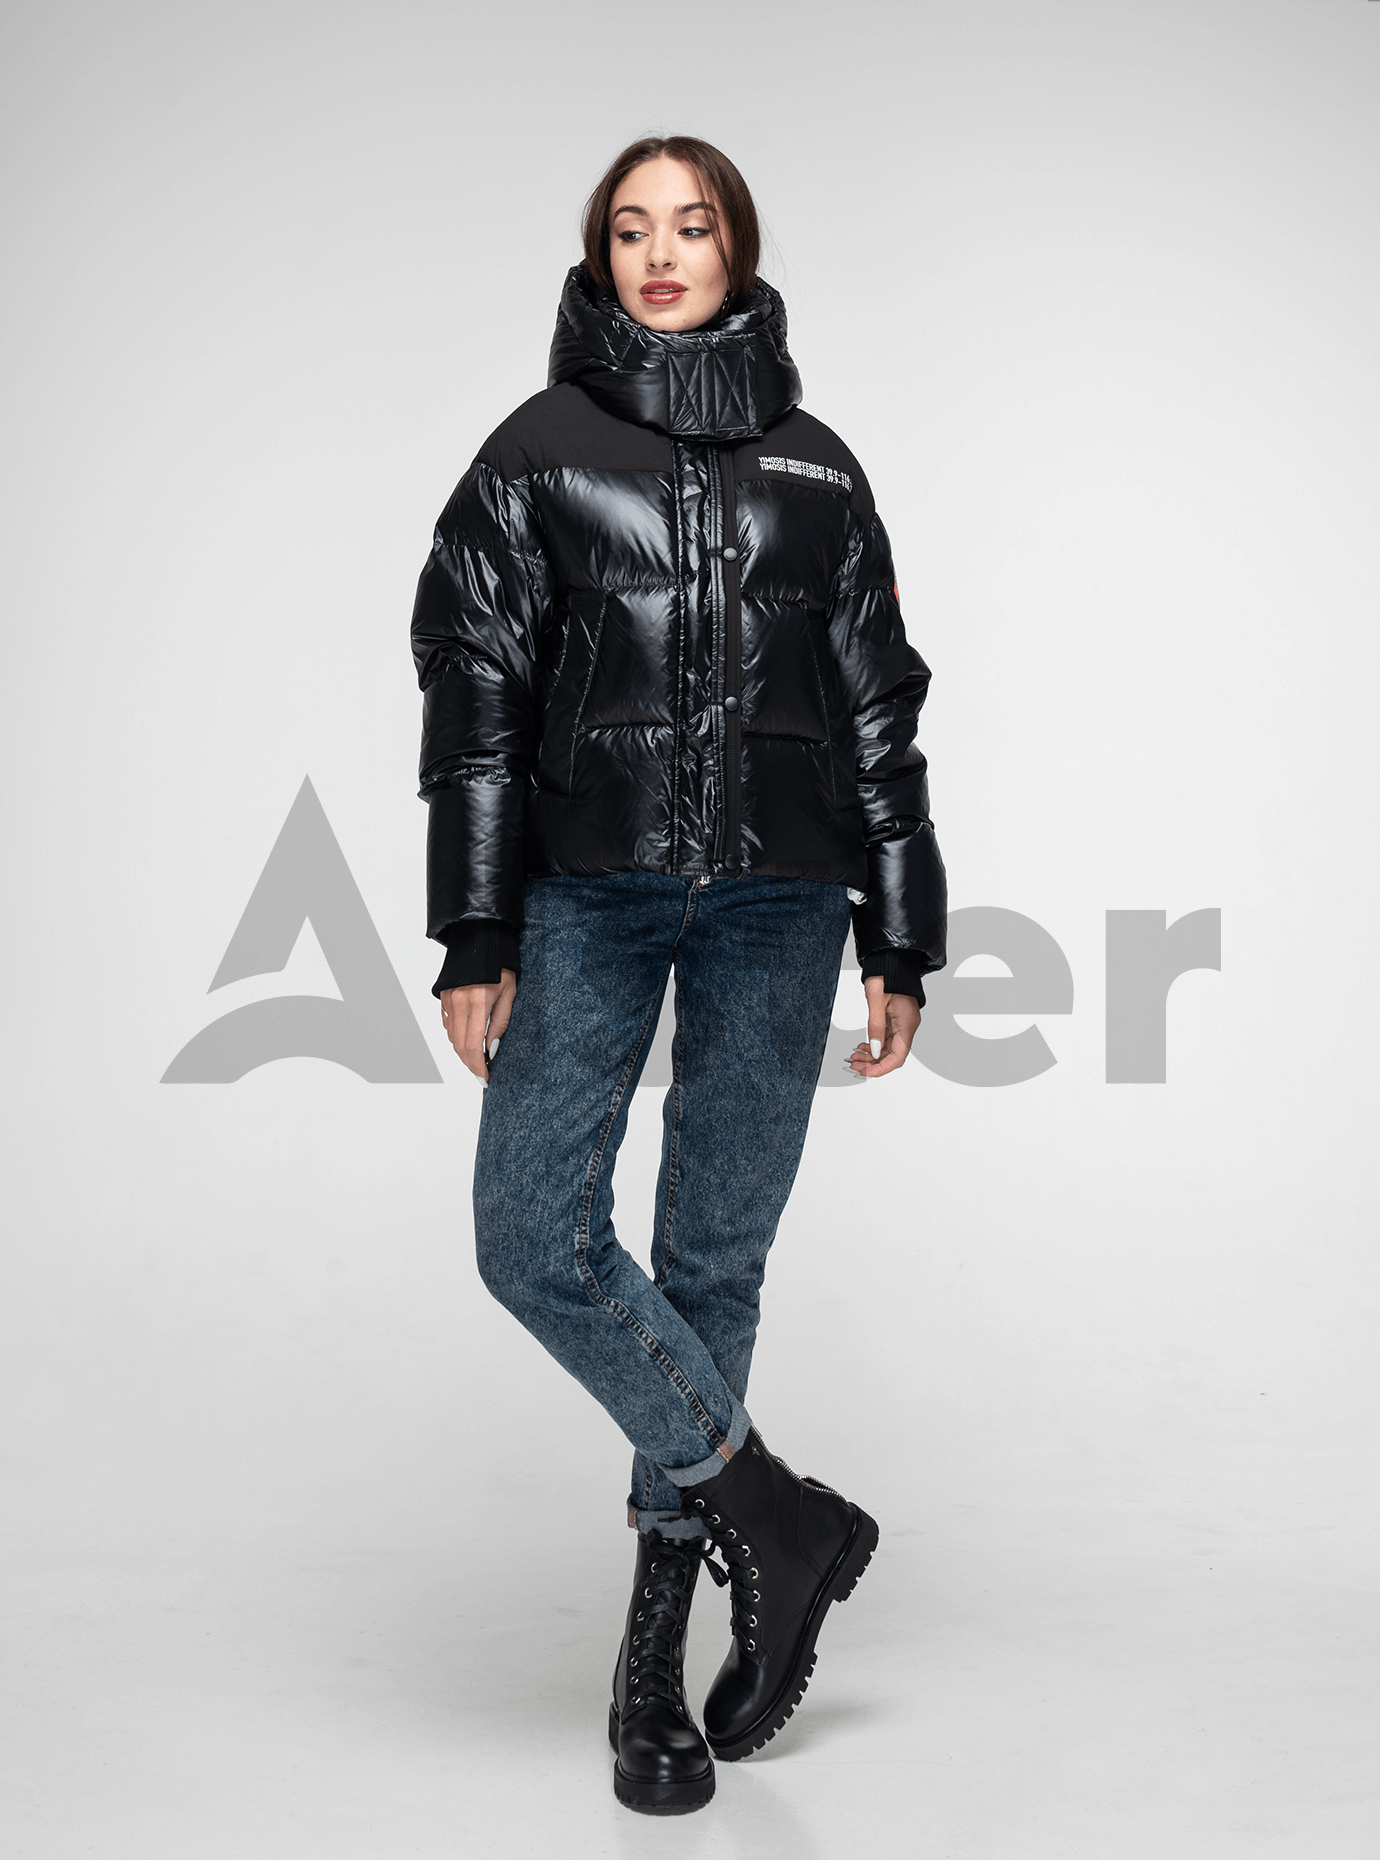 Пуховик женский короткий с капюшоном Чёрный L (02-Y191117): фото - Alster.ua